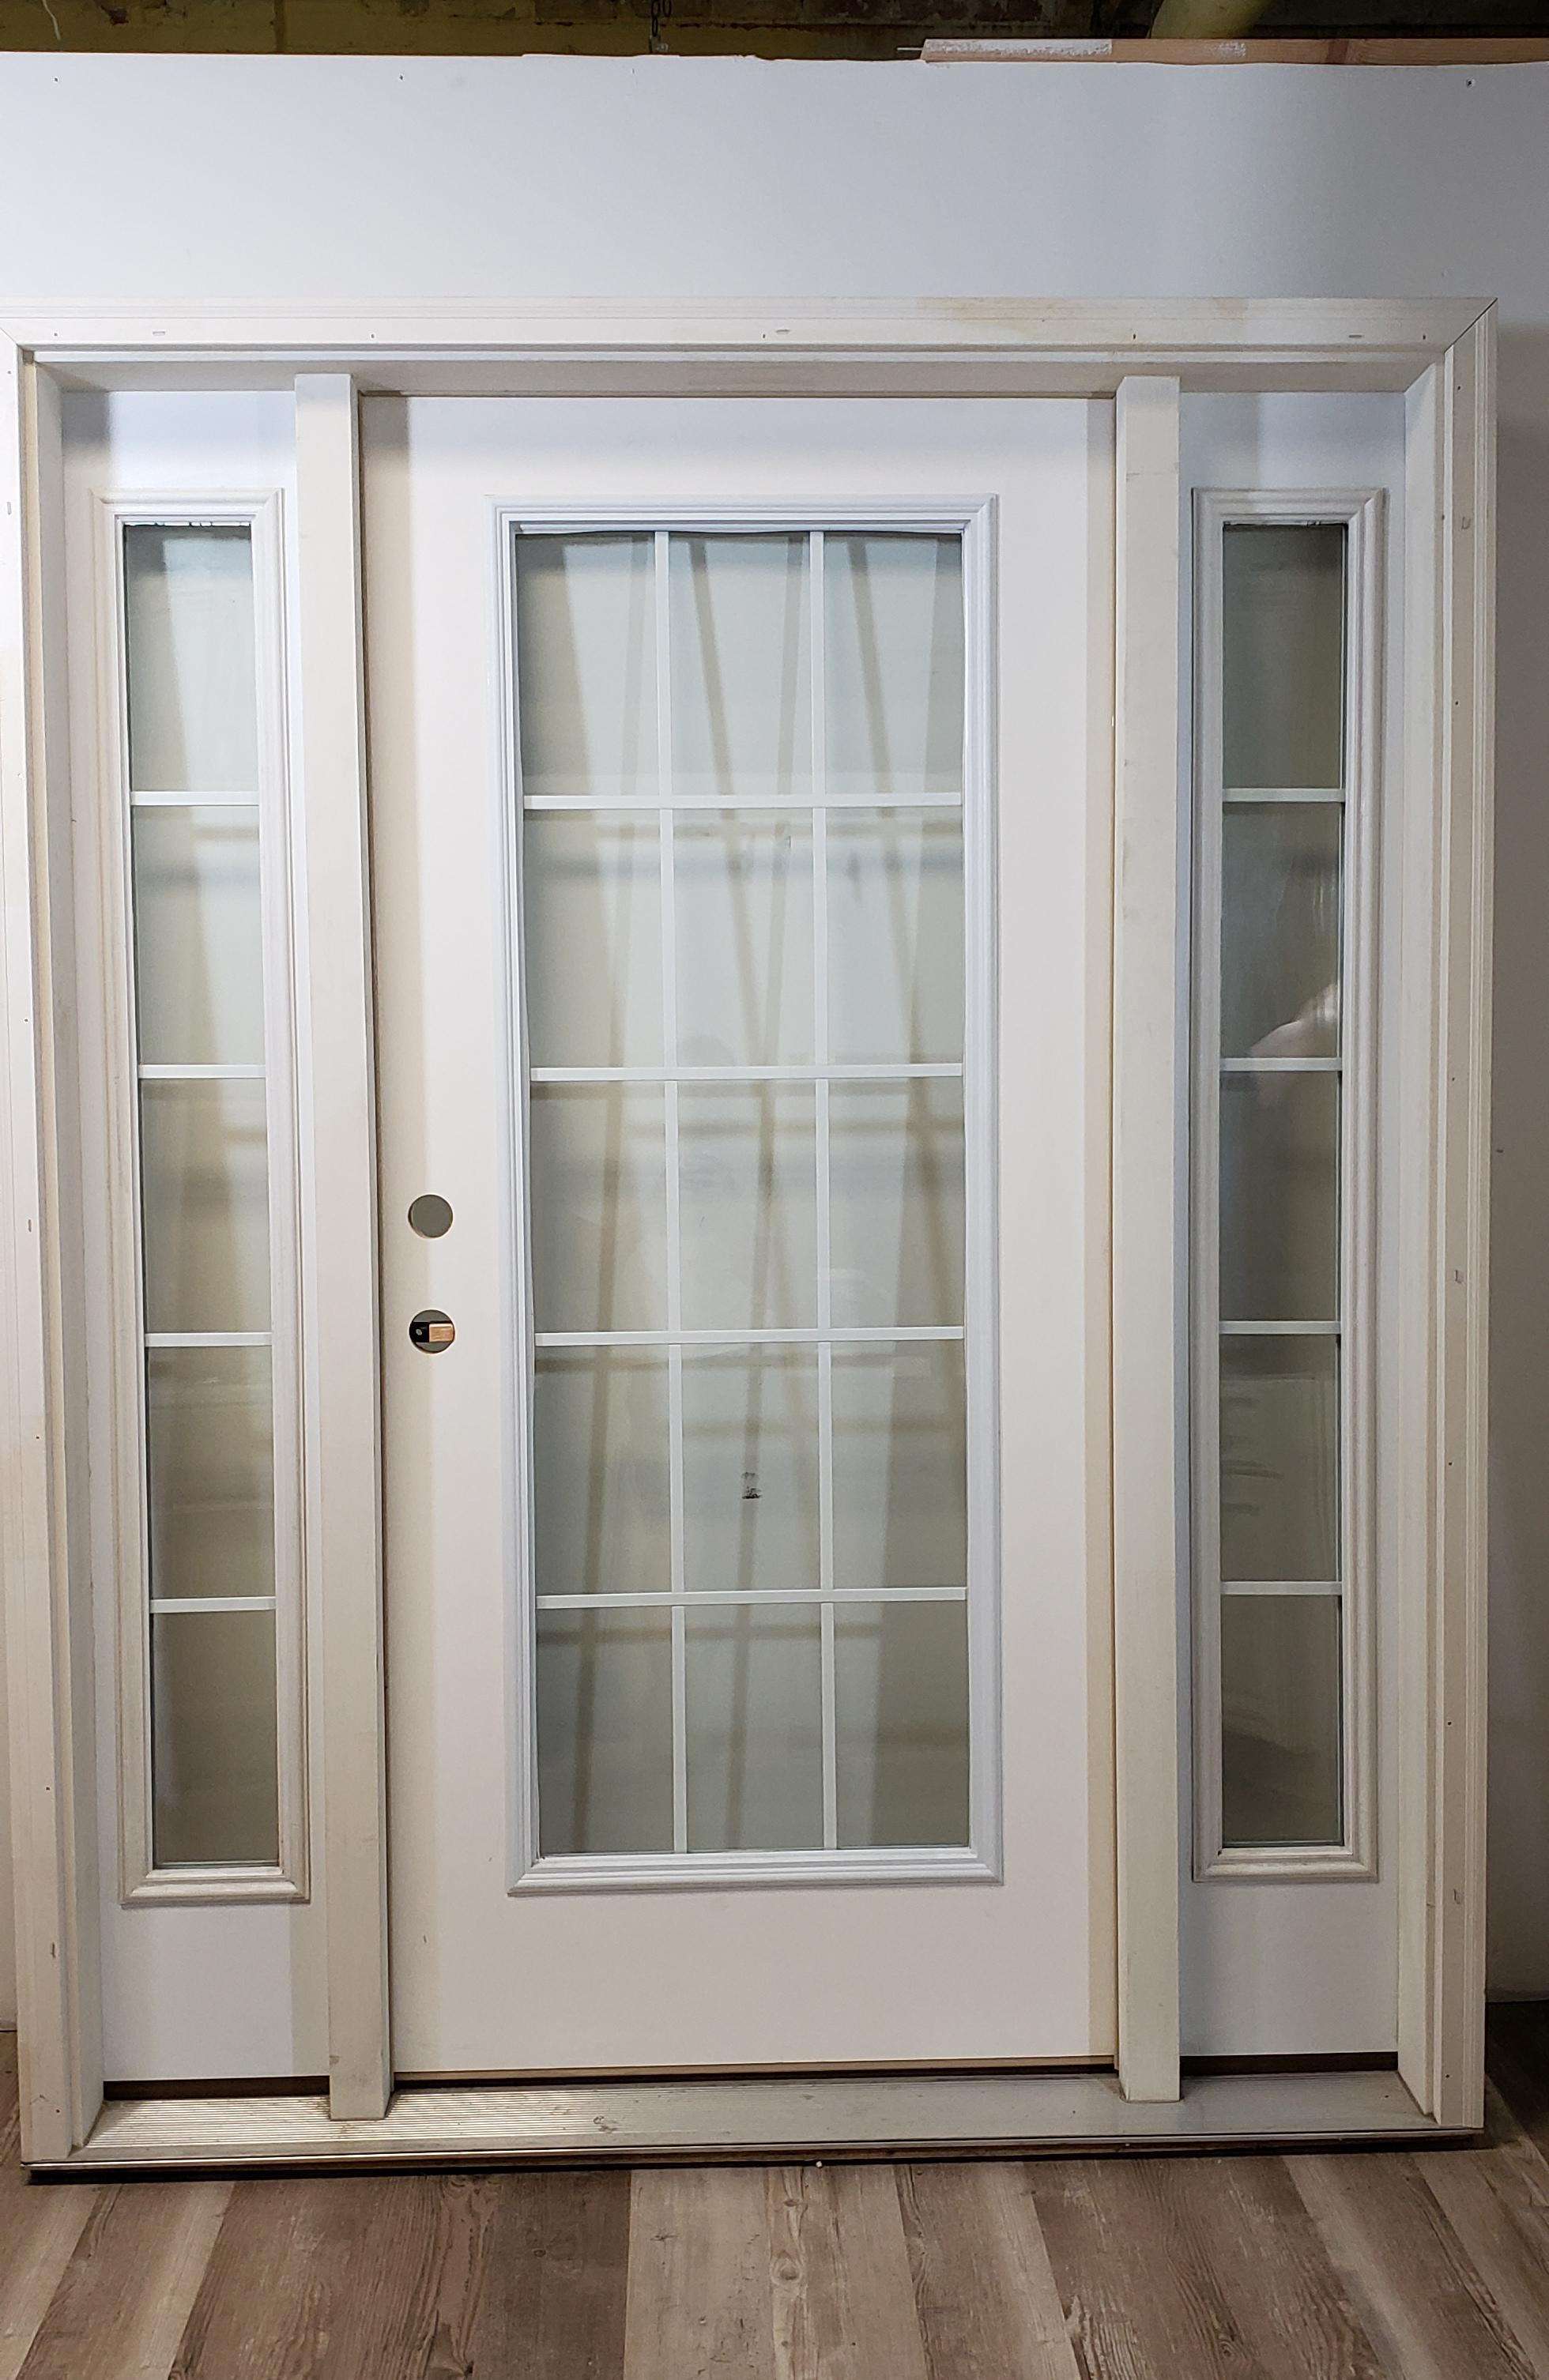 fiberglass-full-light-grids-white-primer